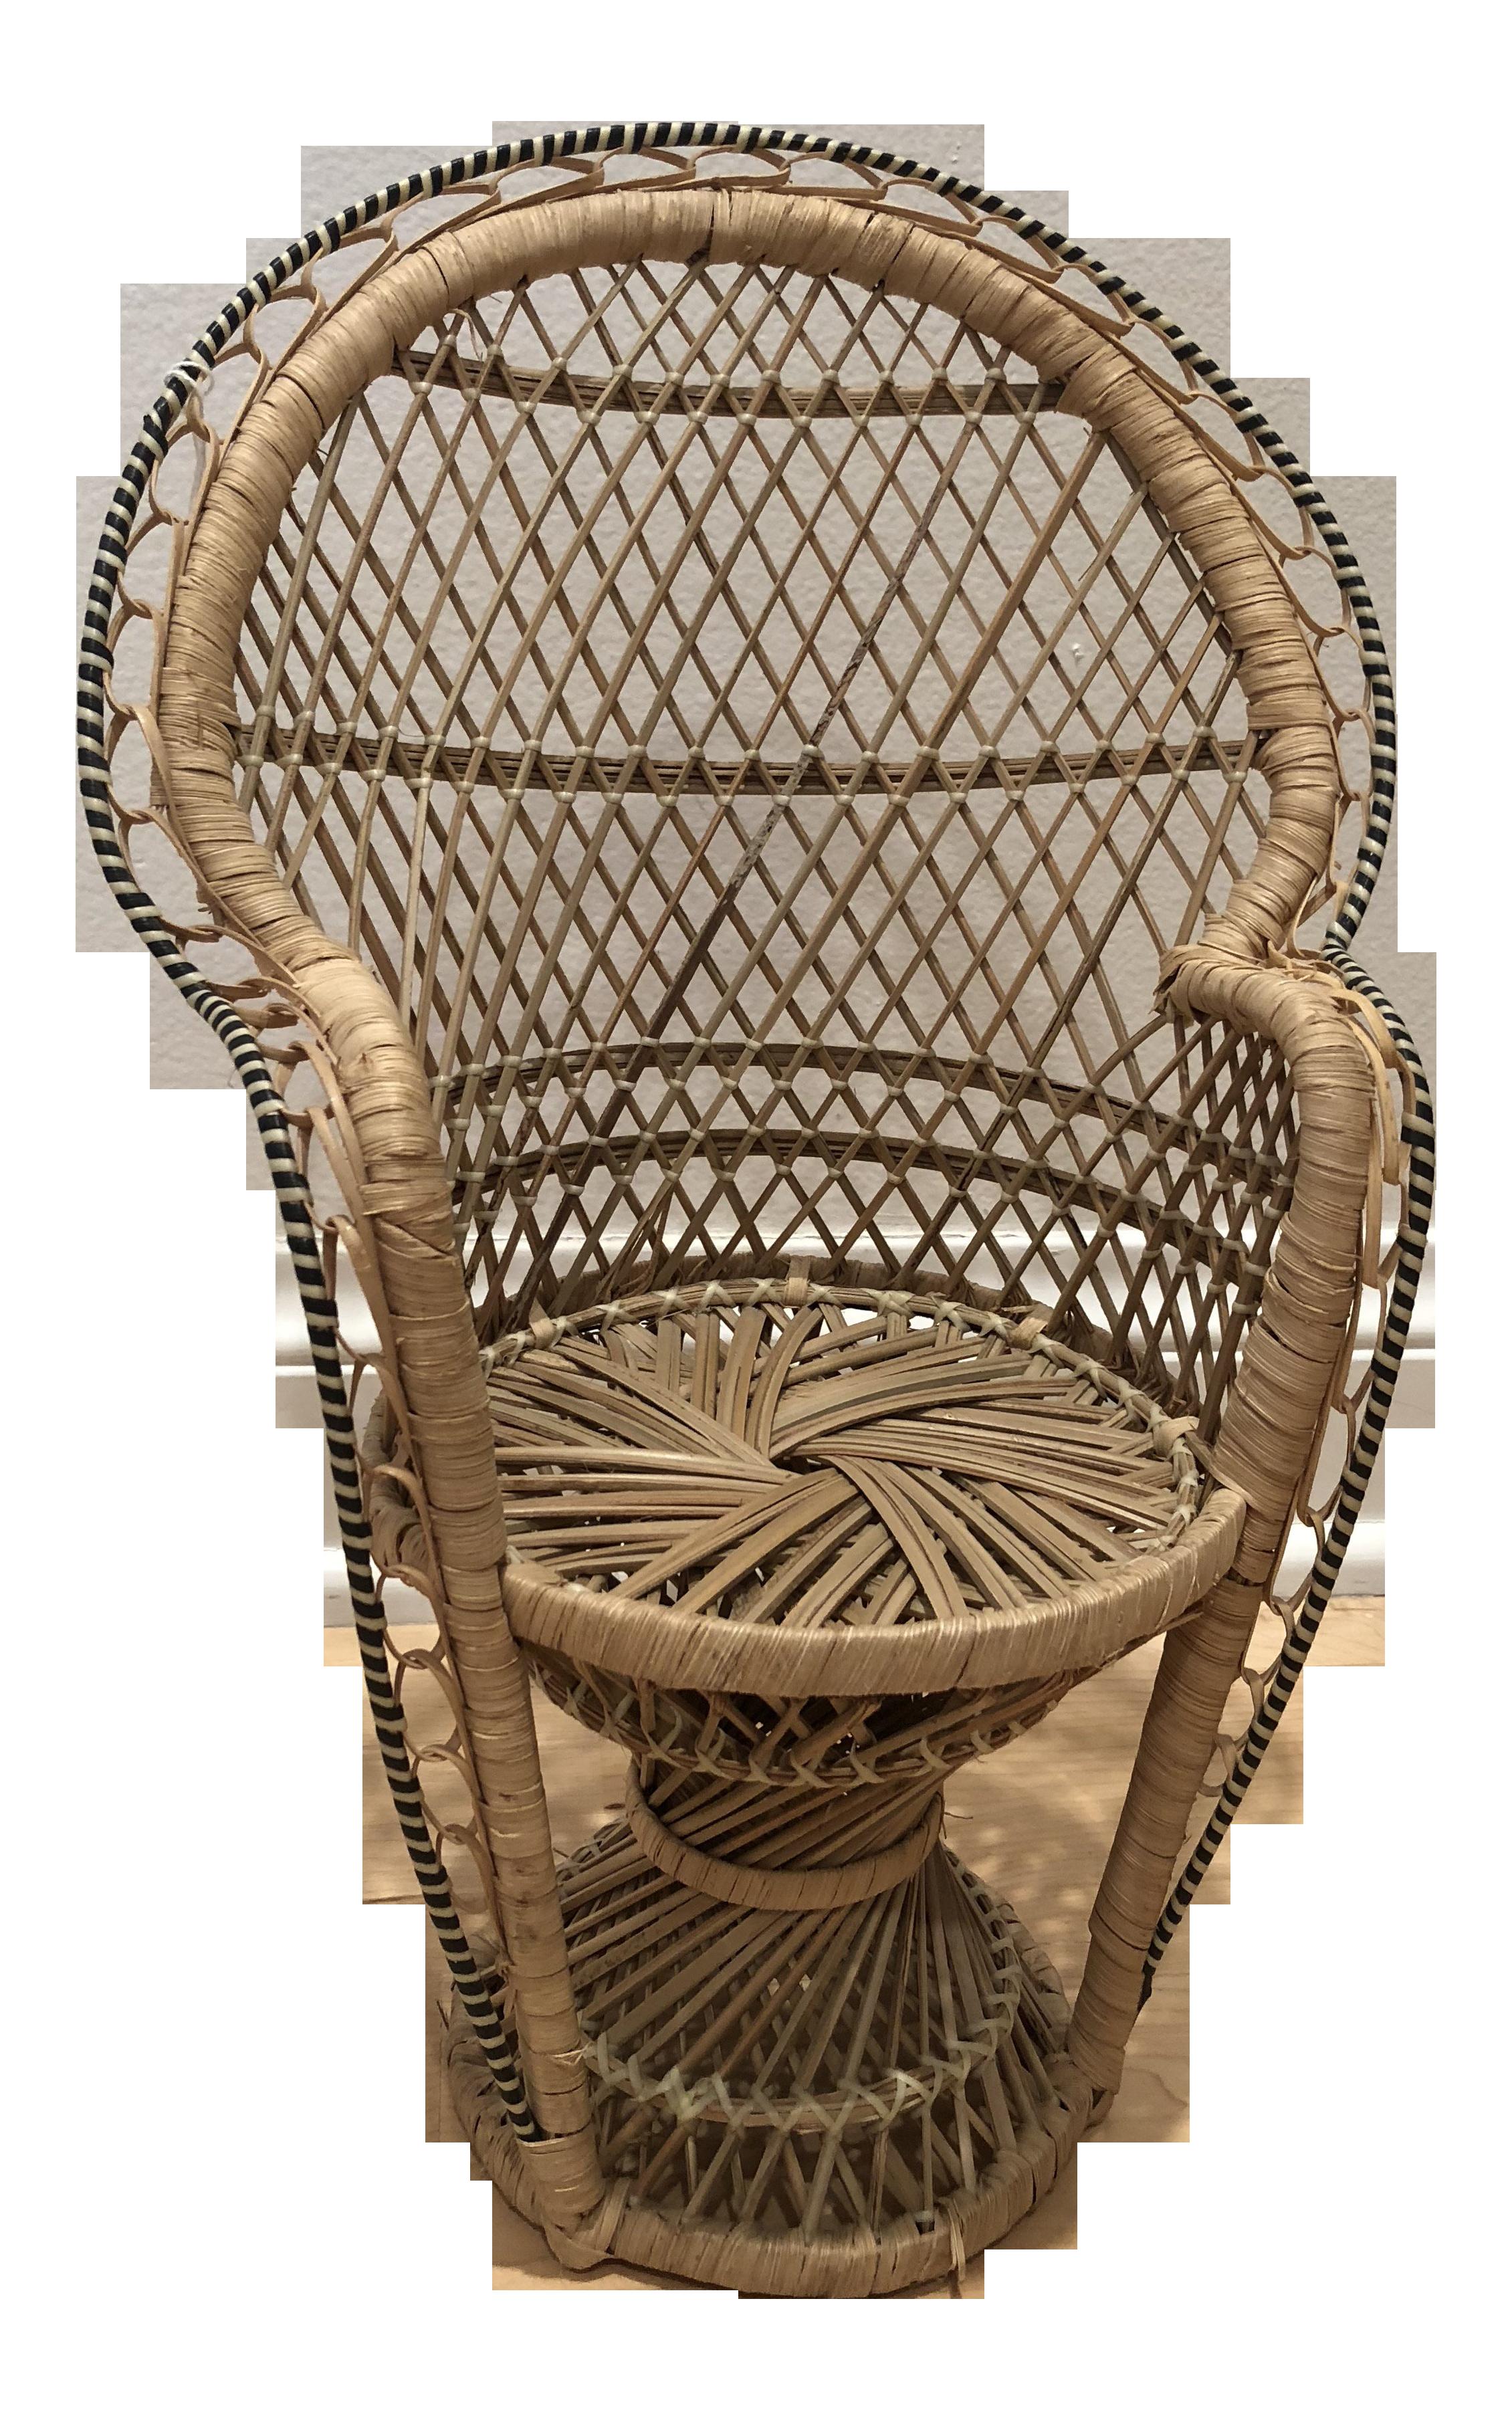 Merveilleux 20th Century Boho Chic Mini Rattan Peacock Chair